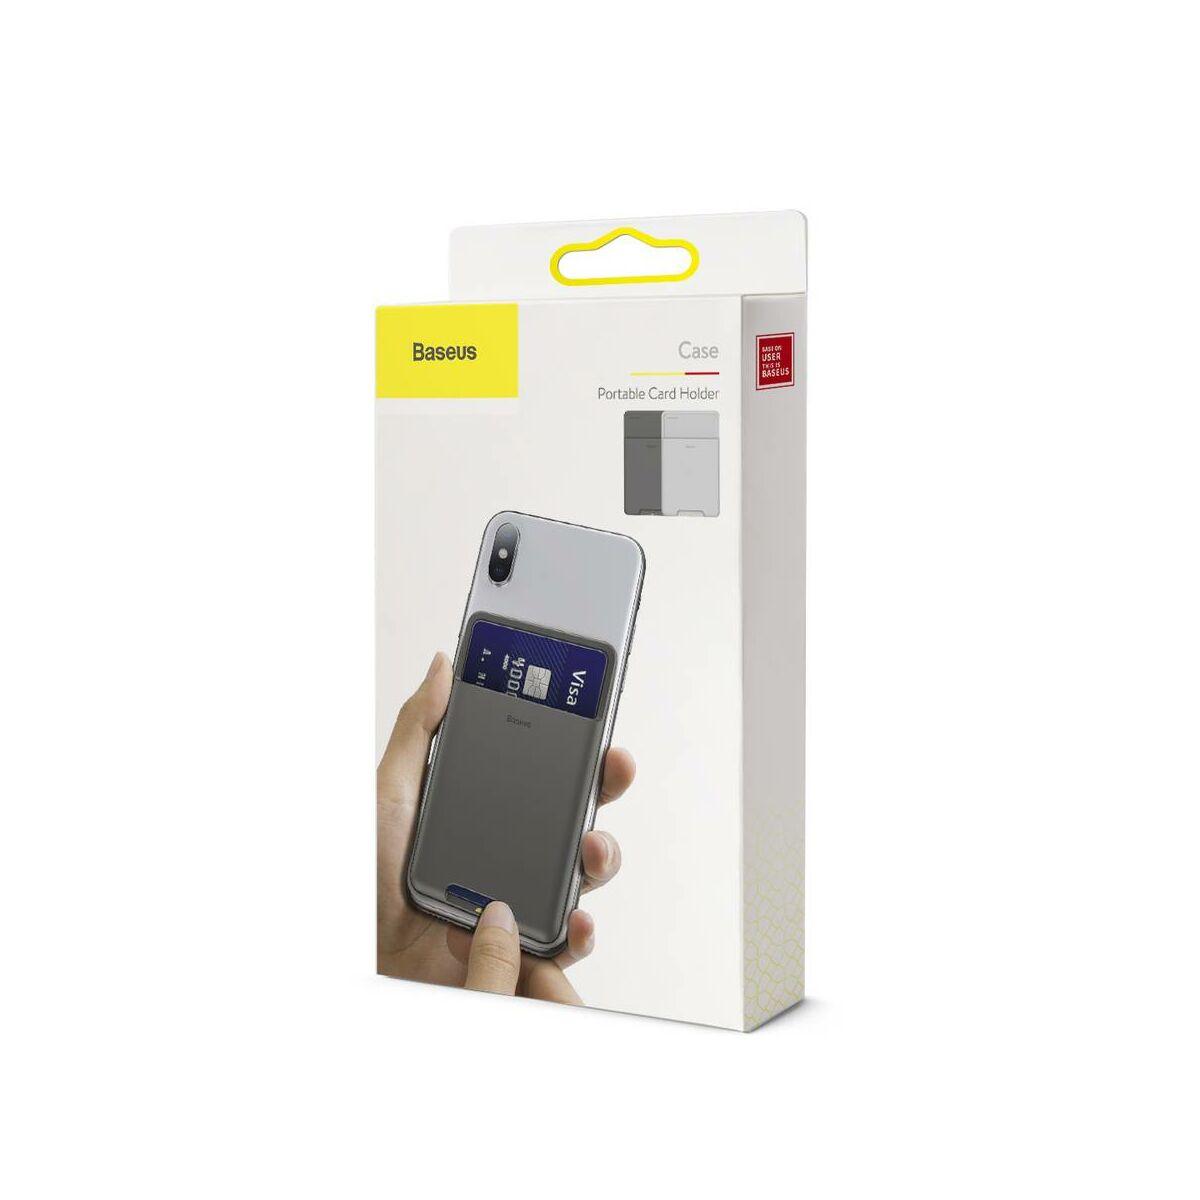 Baseus Hátoldalra ragasztható szilikon irat / bankkártya tartó, francia szürke (ACKD-B0G)